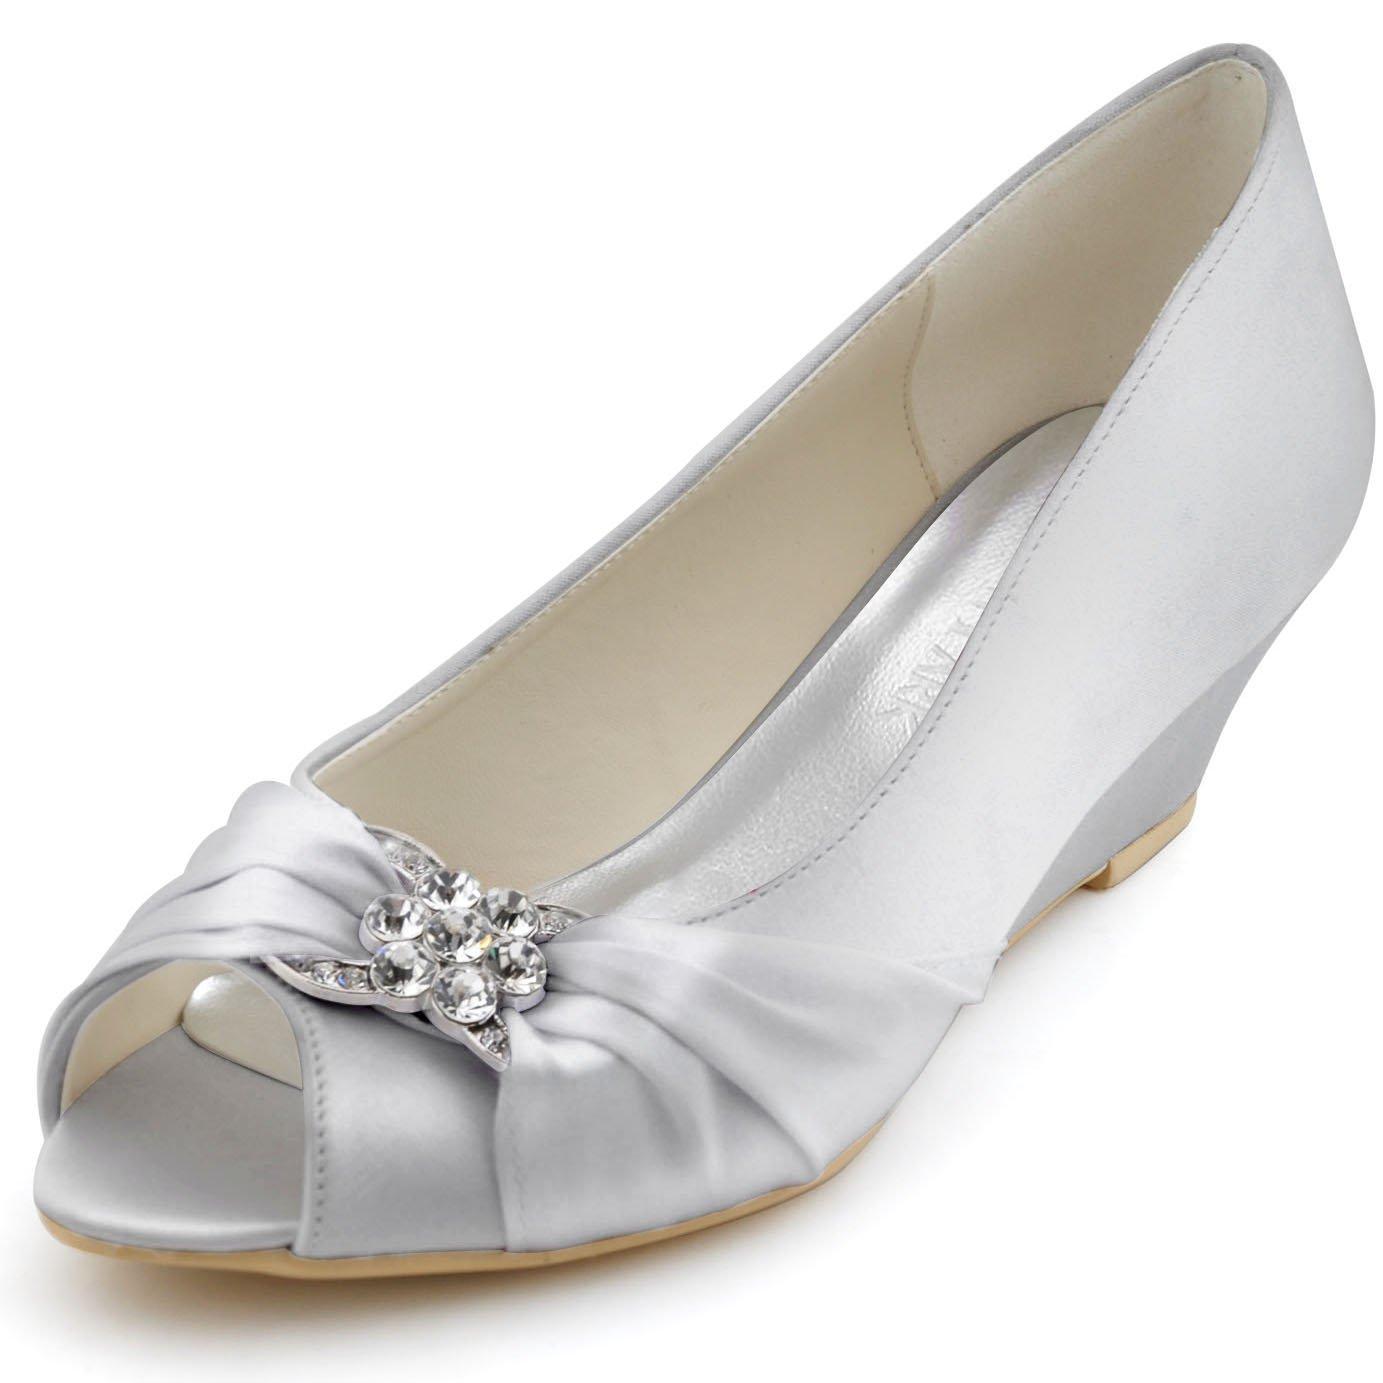 Elegantpark WP1403 bout ouvert Compensé Femmes Mariée boucle Chaussures arc Satin bout Chaussures de Mariée Argent 7cd8c5e - epictionpvp.space